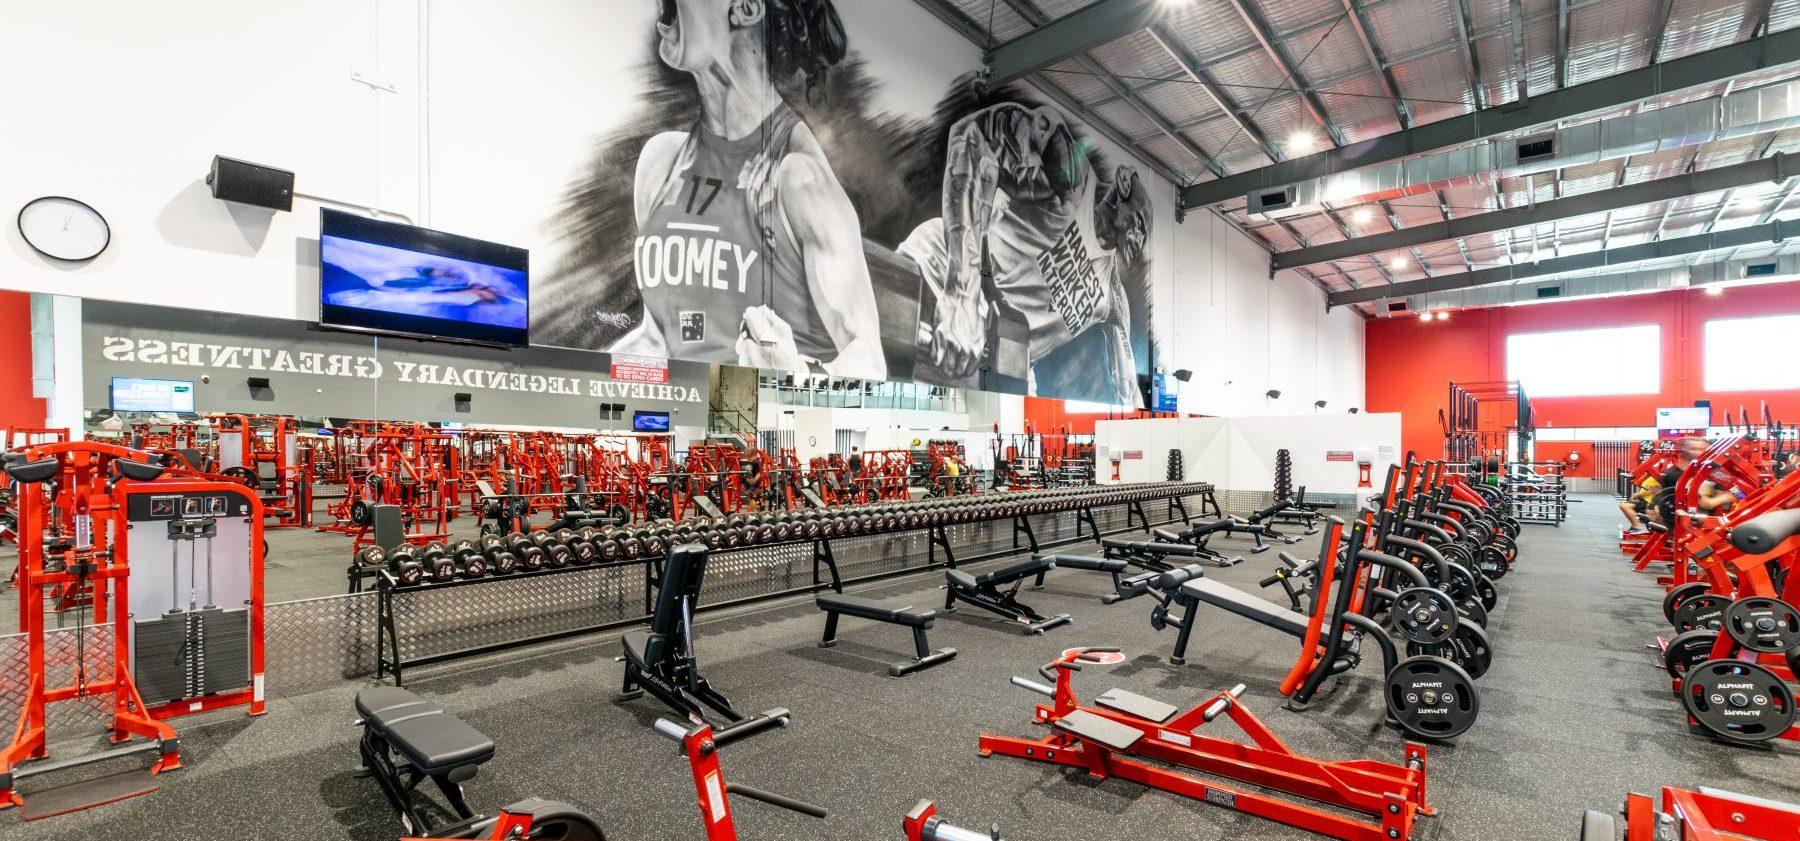 World Gym Interior Weights